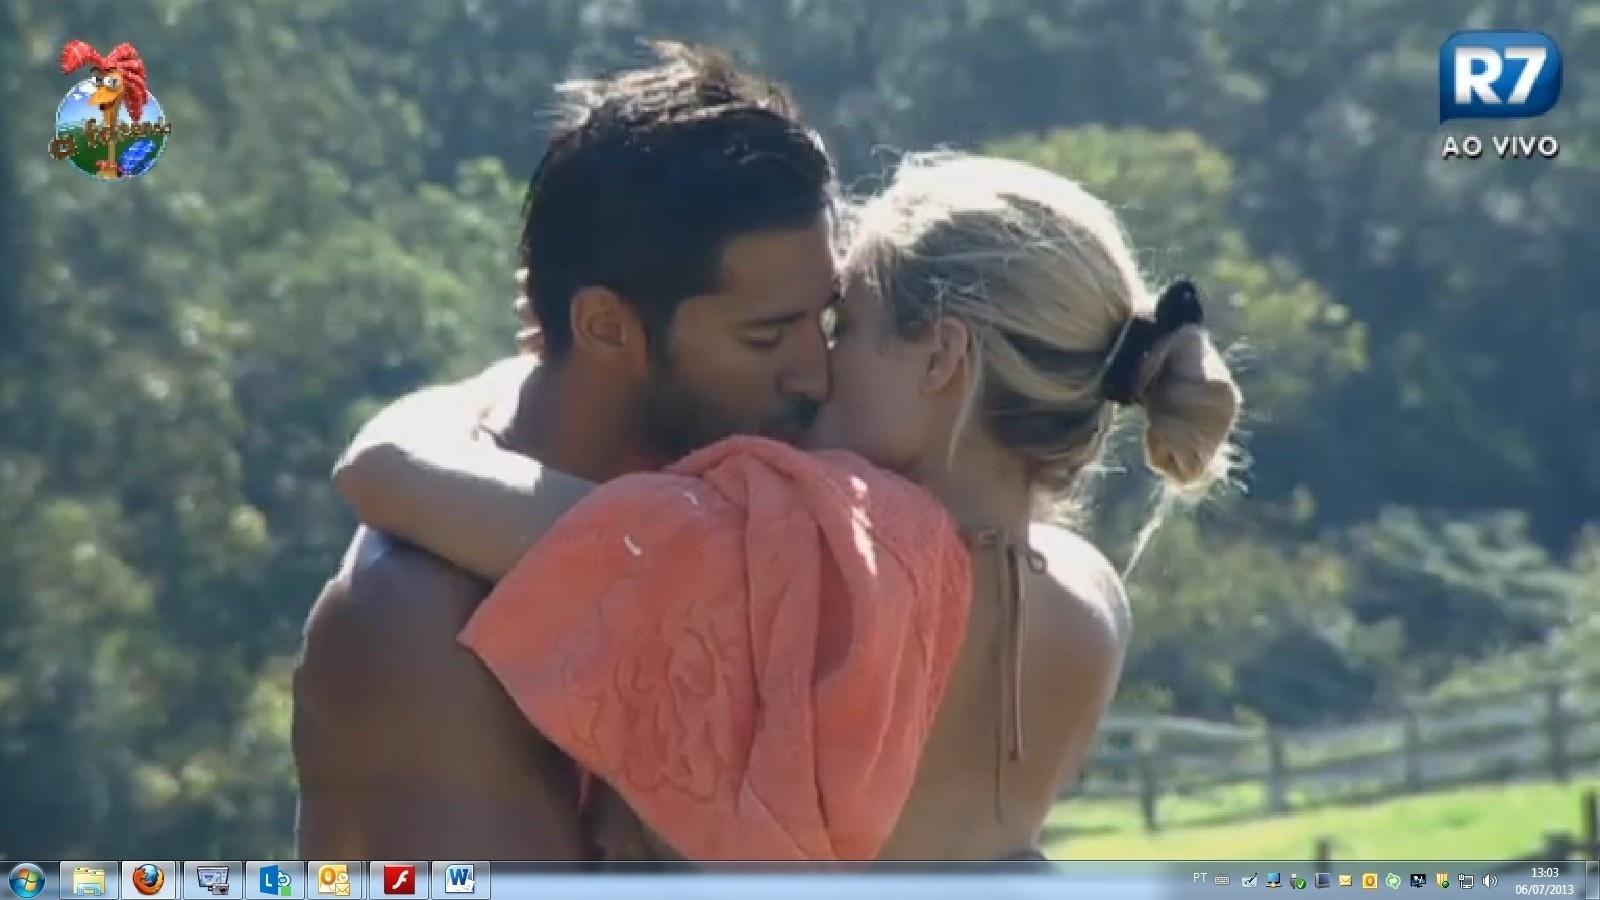 6.jul.2013 - O clima esquenta entre Beto e Aryane, e os dois se beijam do lado de fora do celeiro.